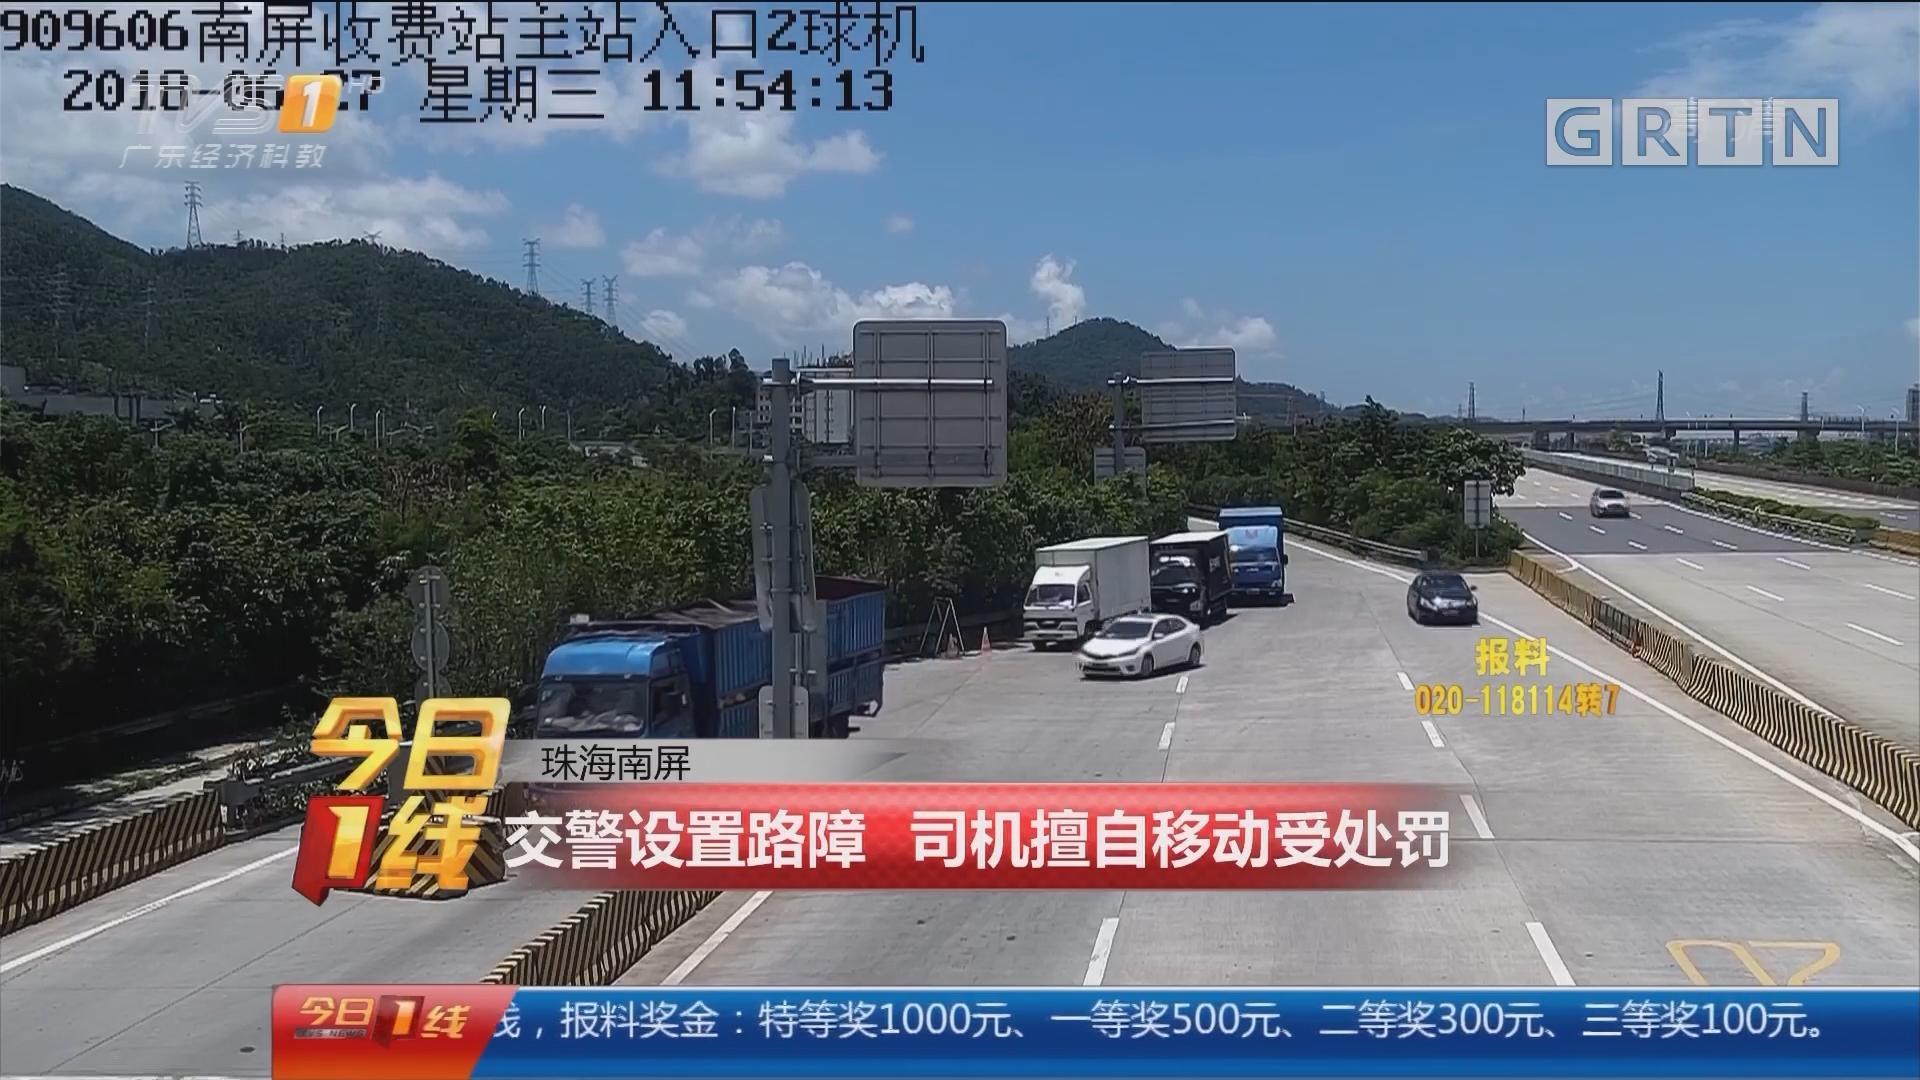 珠海南屏:交警设置路障 司机擅自移动受处罚